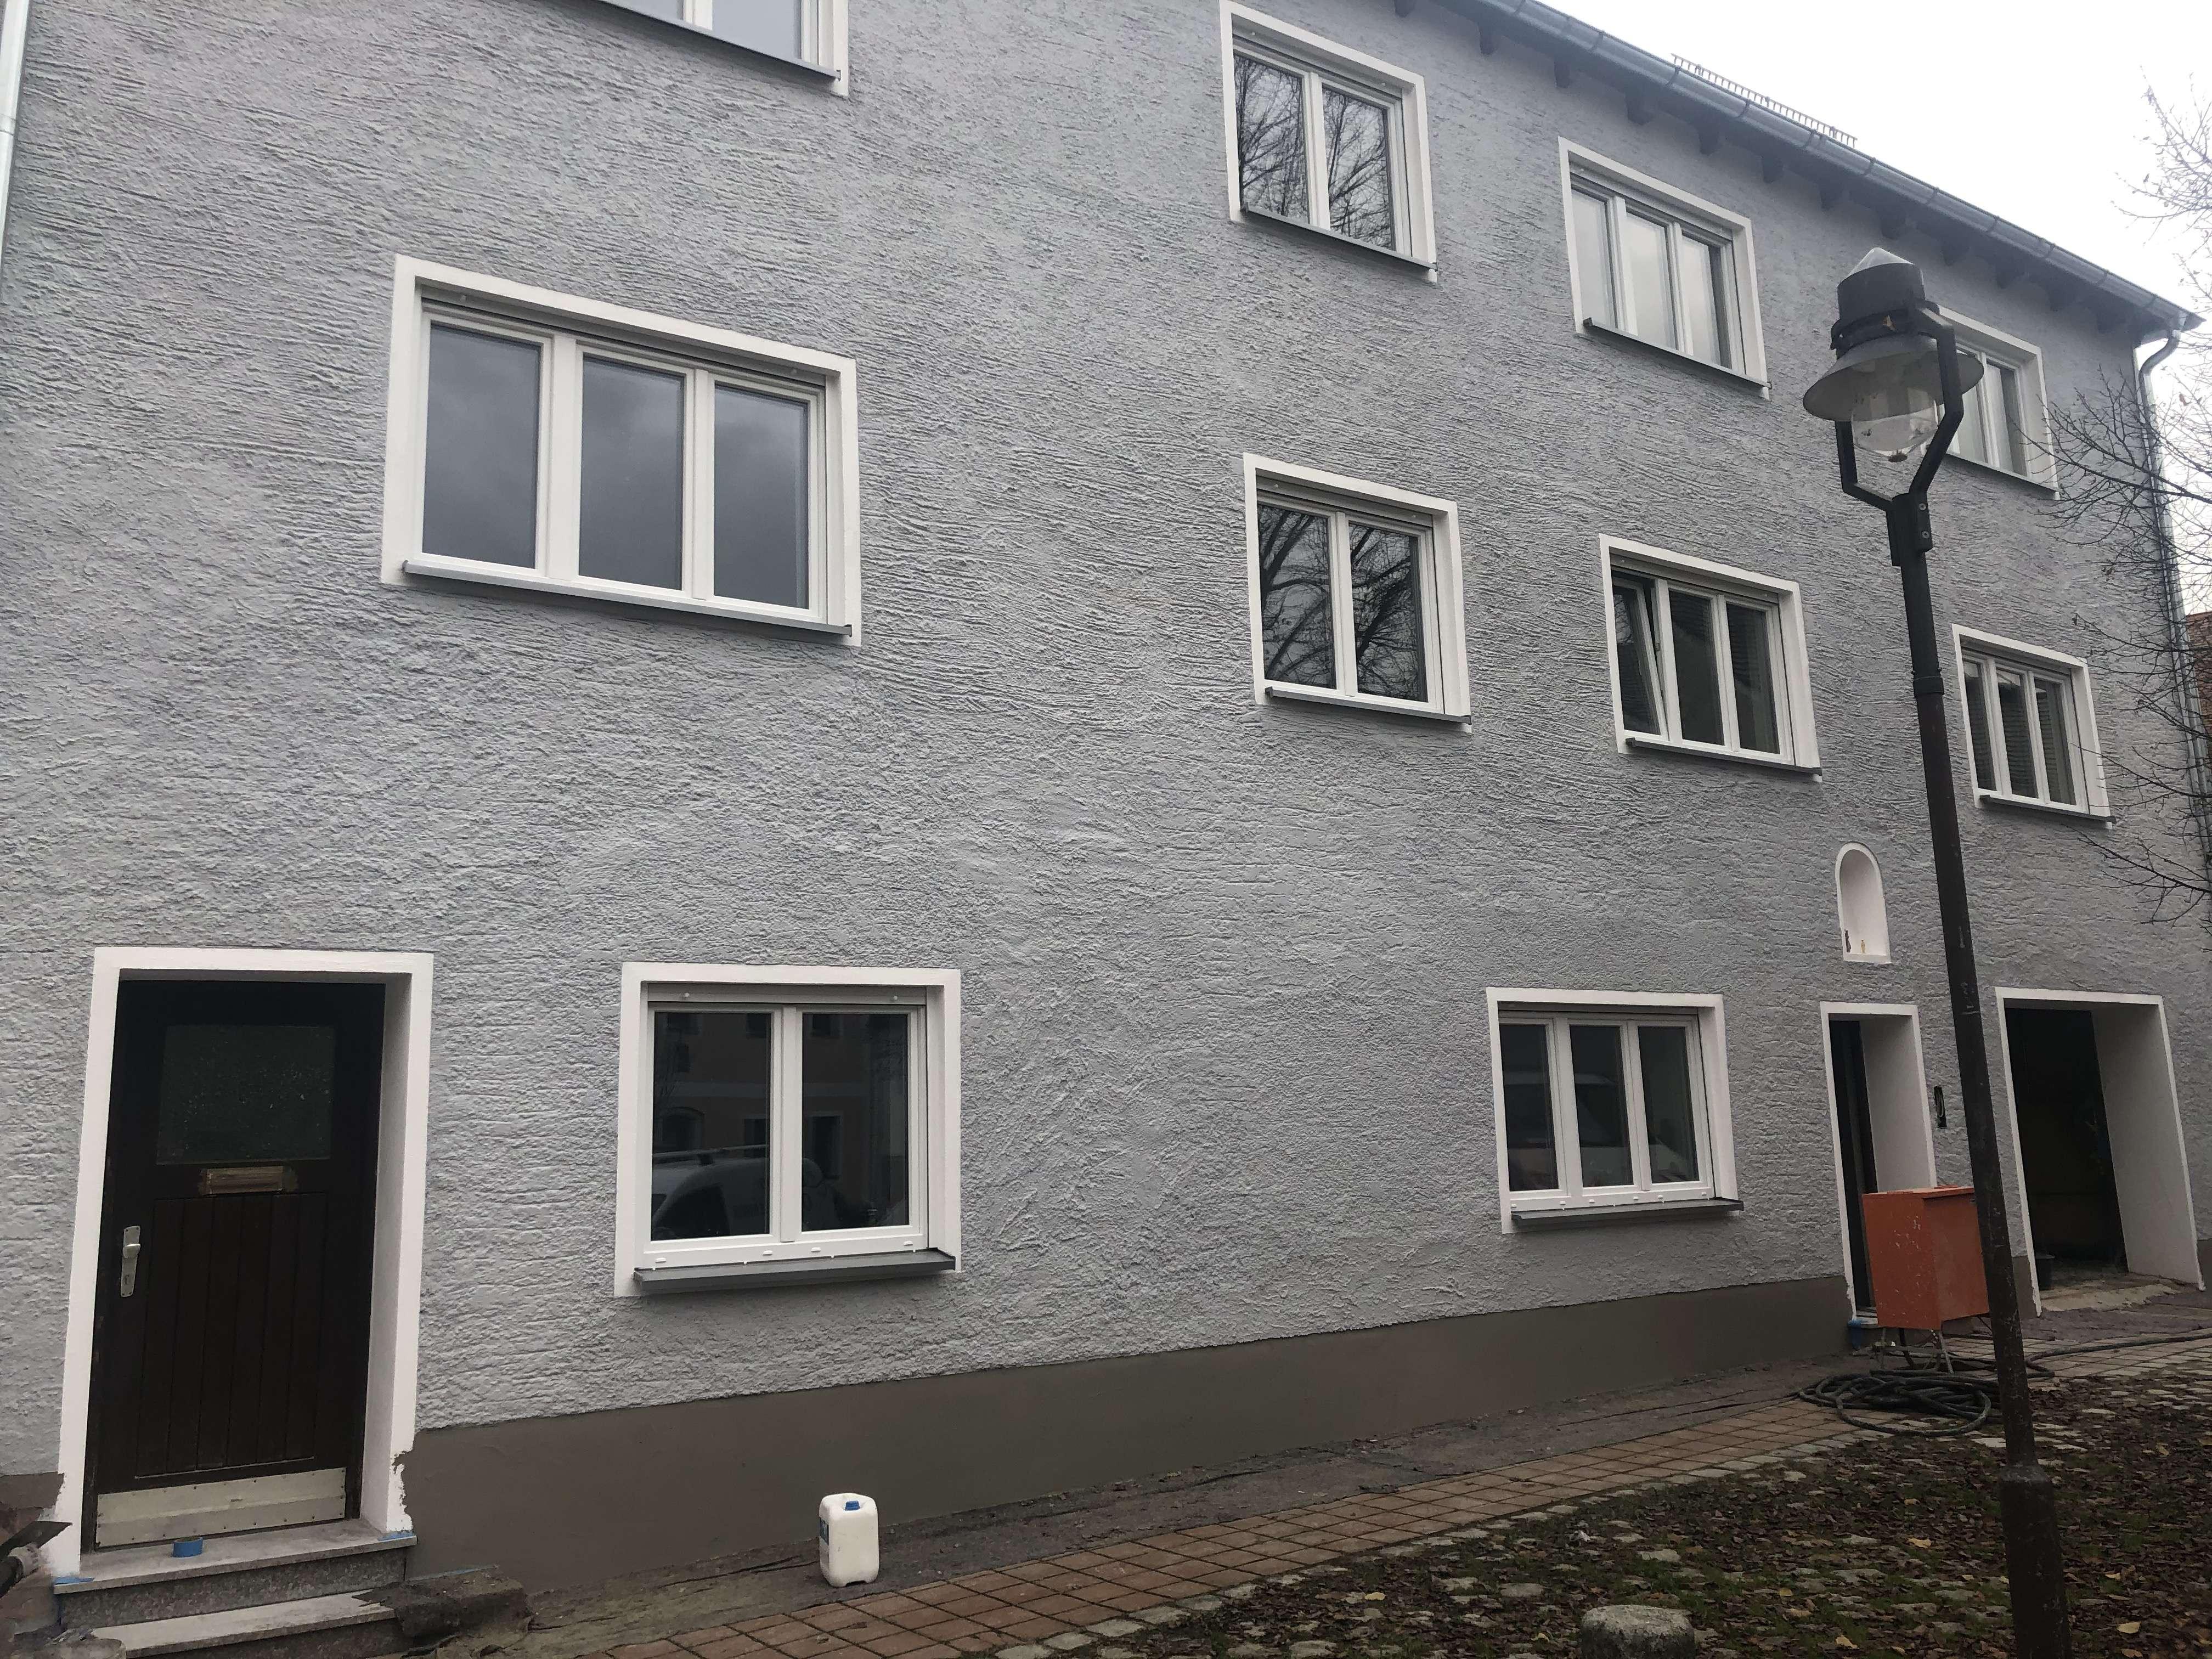 6 Zi. Wohnung mit Dachstudio - ERSTBEZUG nach Generalsanierung Stadtmitte in Neuburg an der Donau